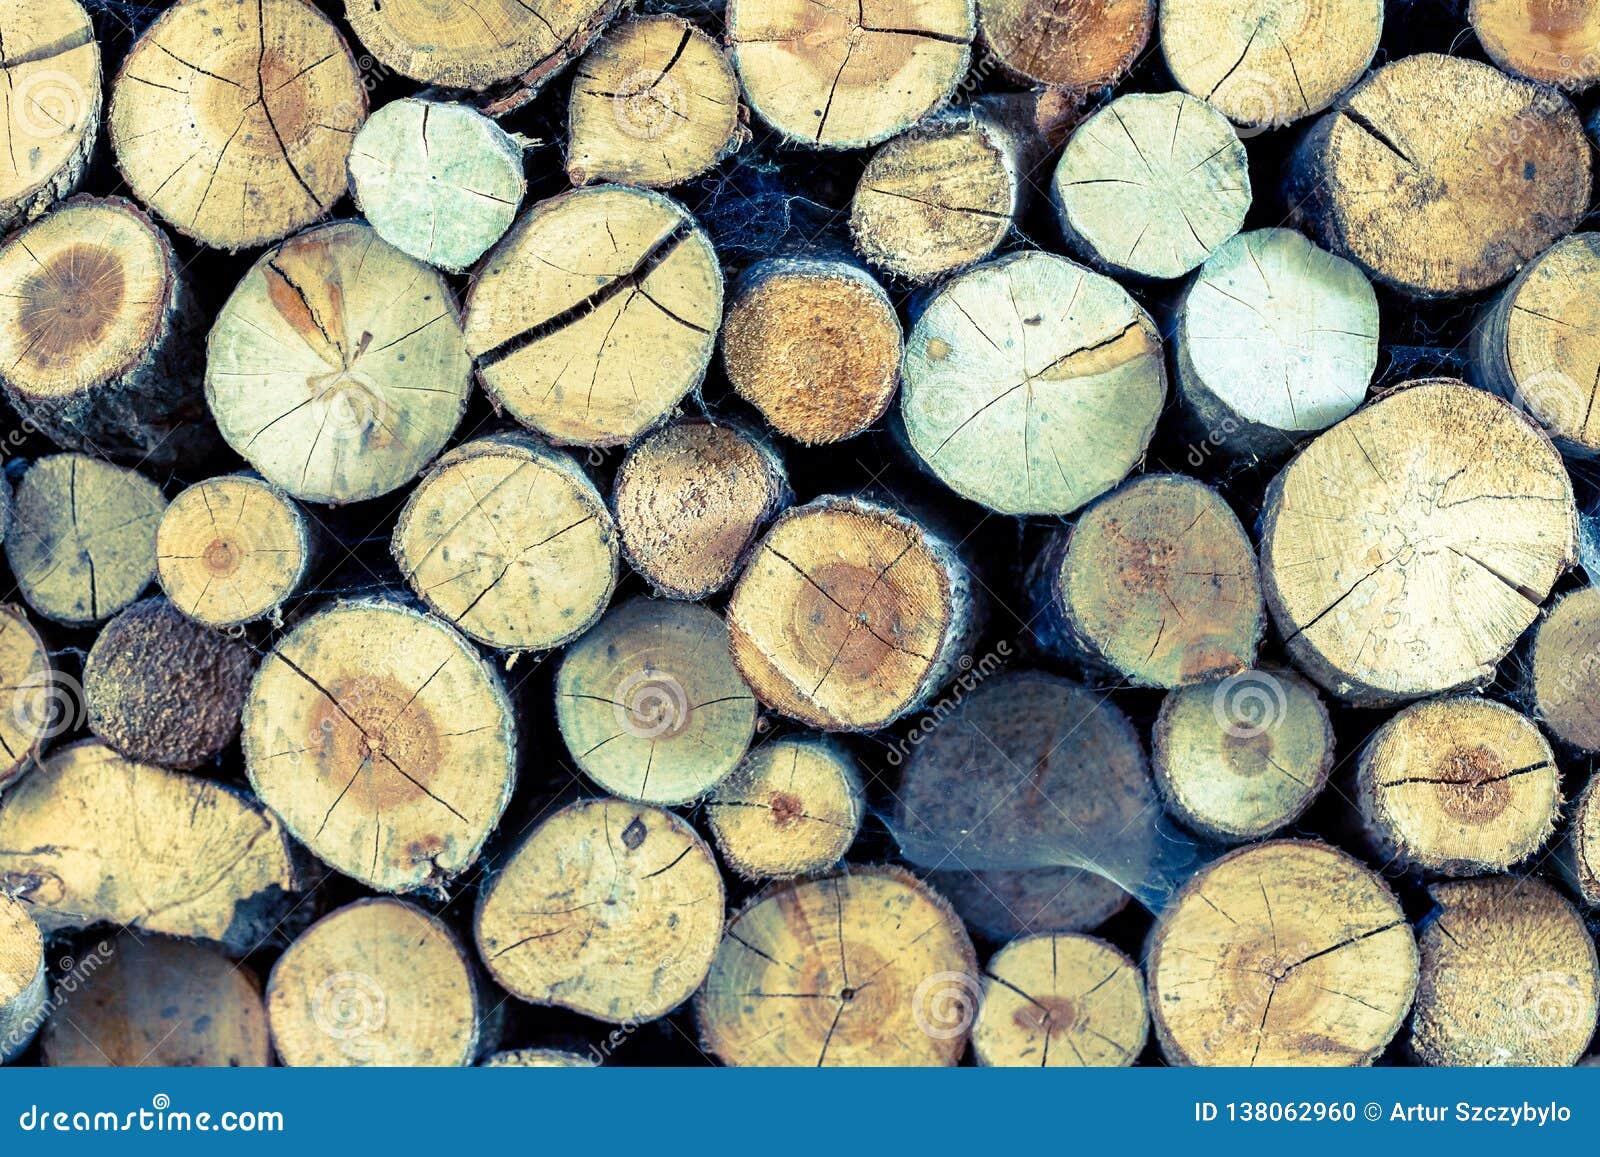 Einden van logboeken houten achtergrond toning Hout in de stapel - Beeld